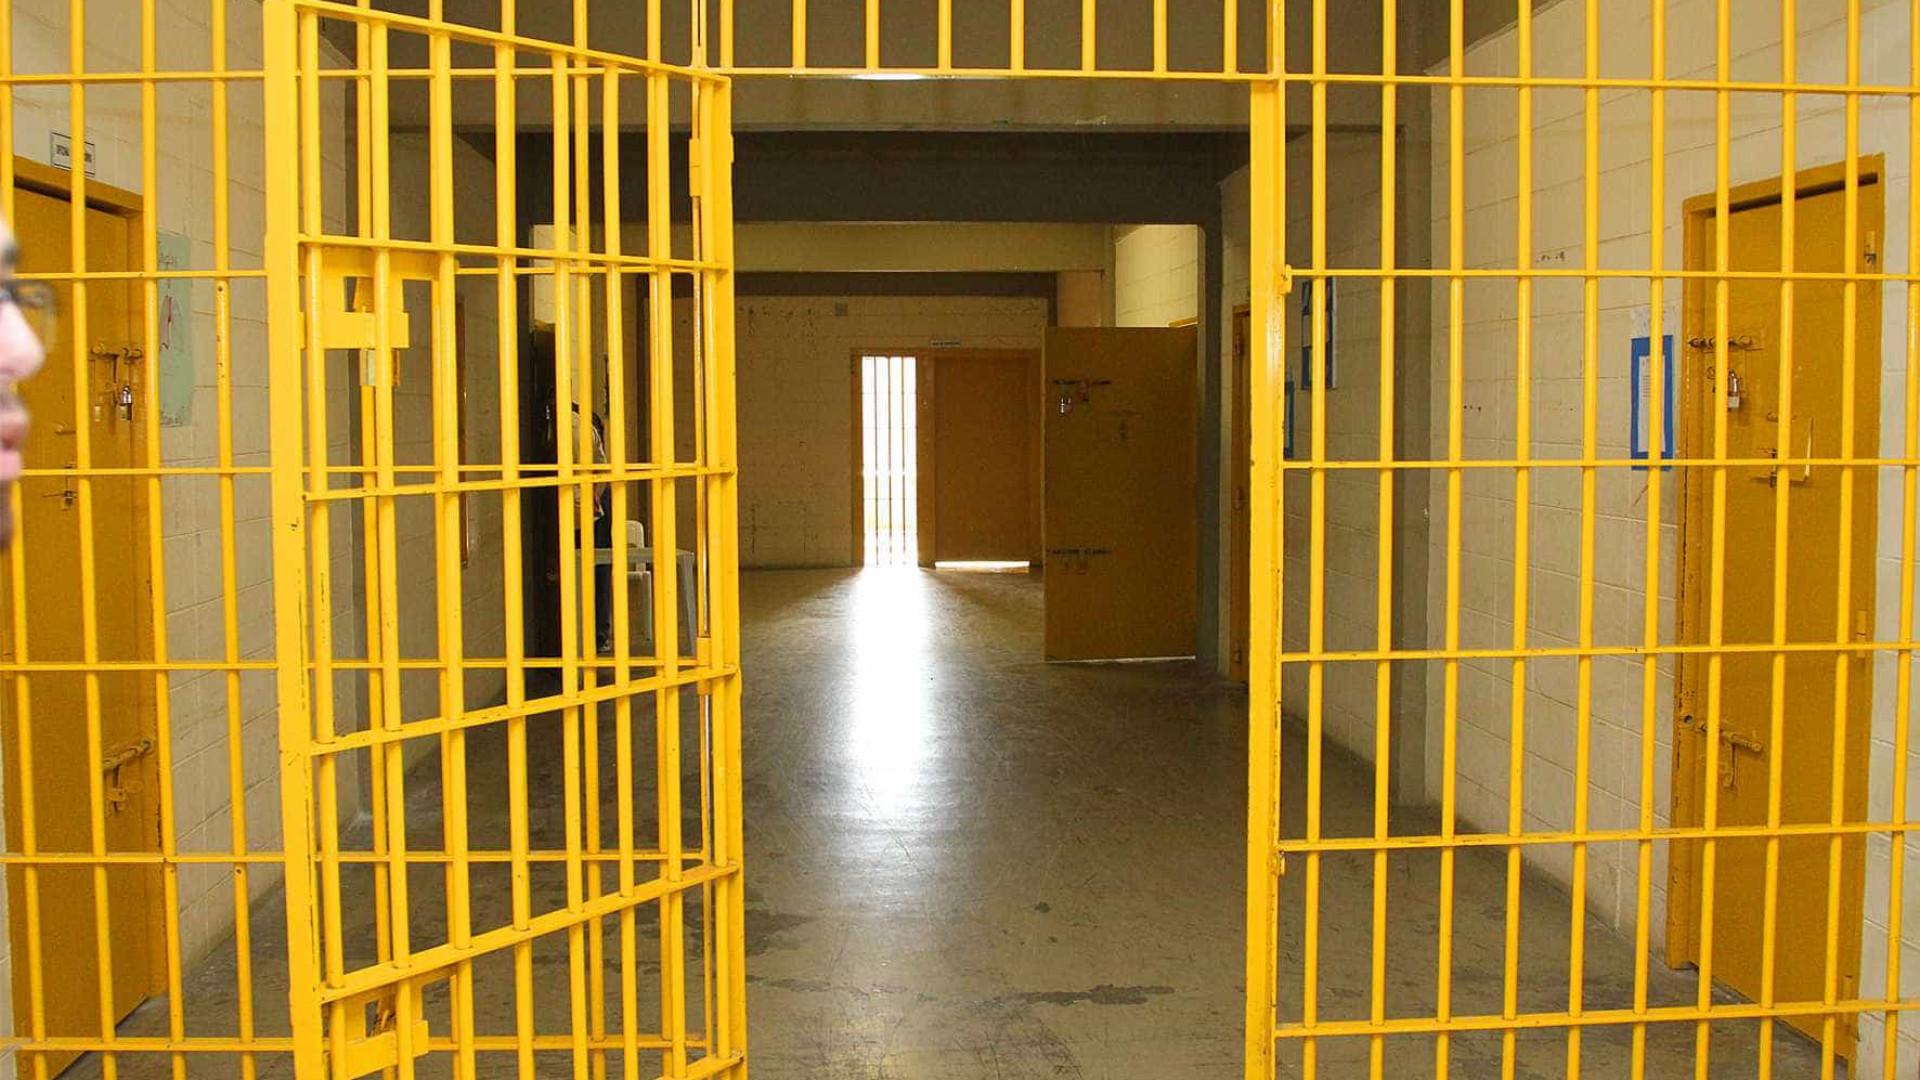 Agentes mantidos reféns em penitenciária do Pará são libertados